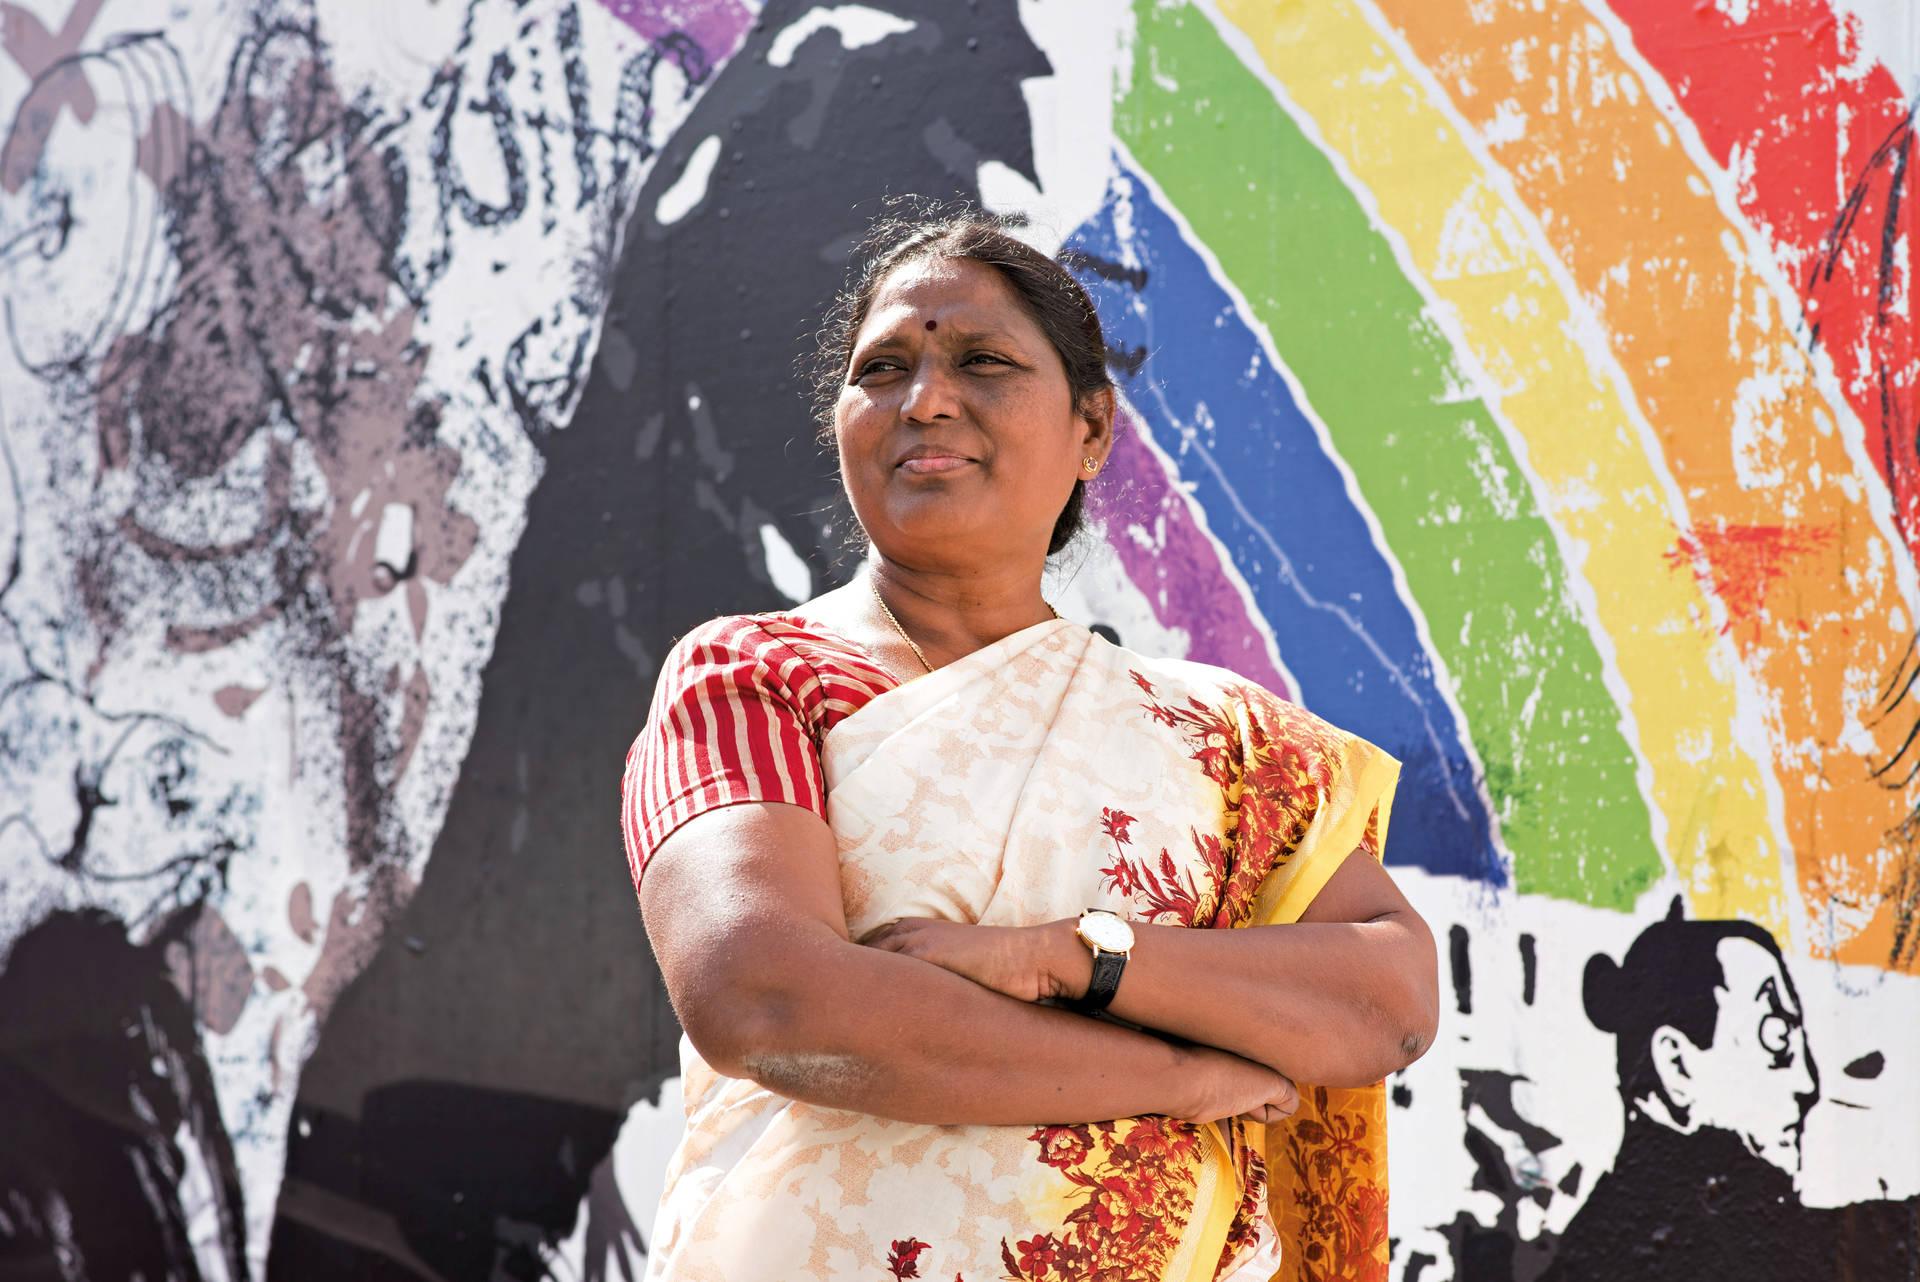 Francis Porsingula kämpft in Indien für mehr Gerechtigkeit. Bei einem Besuch in Hamburg entdeckte sie Unterschiede und überraschende Gemeinsamkeiten.